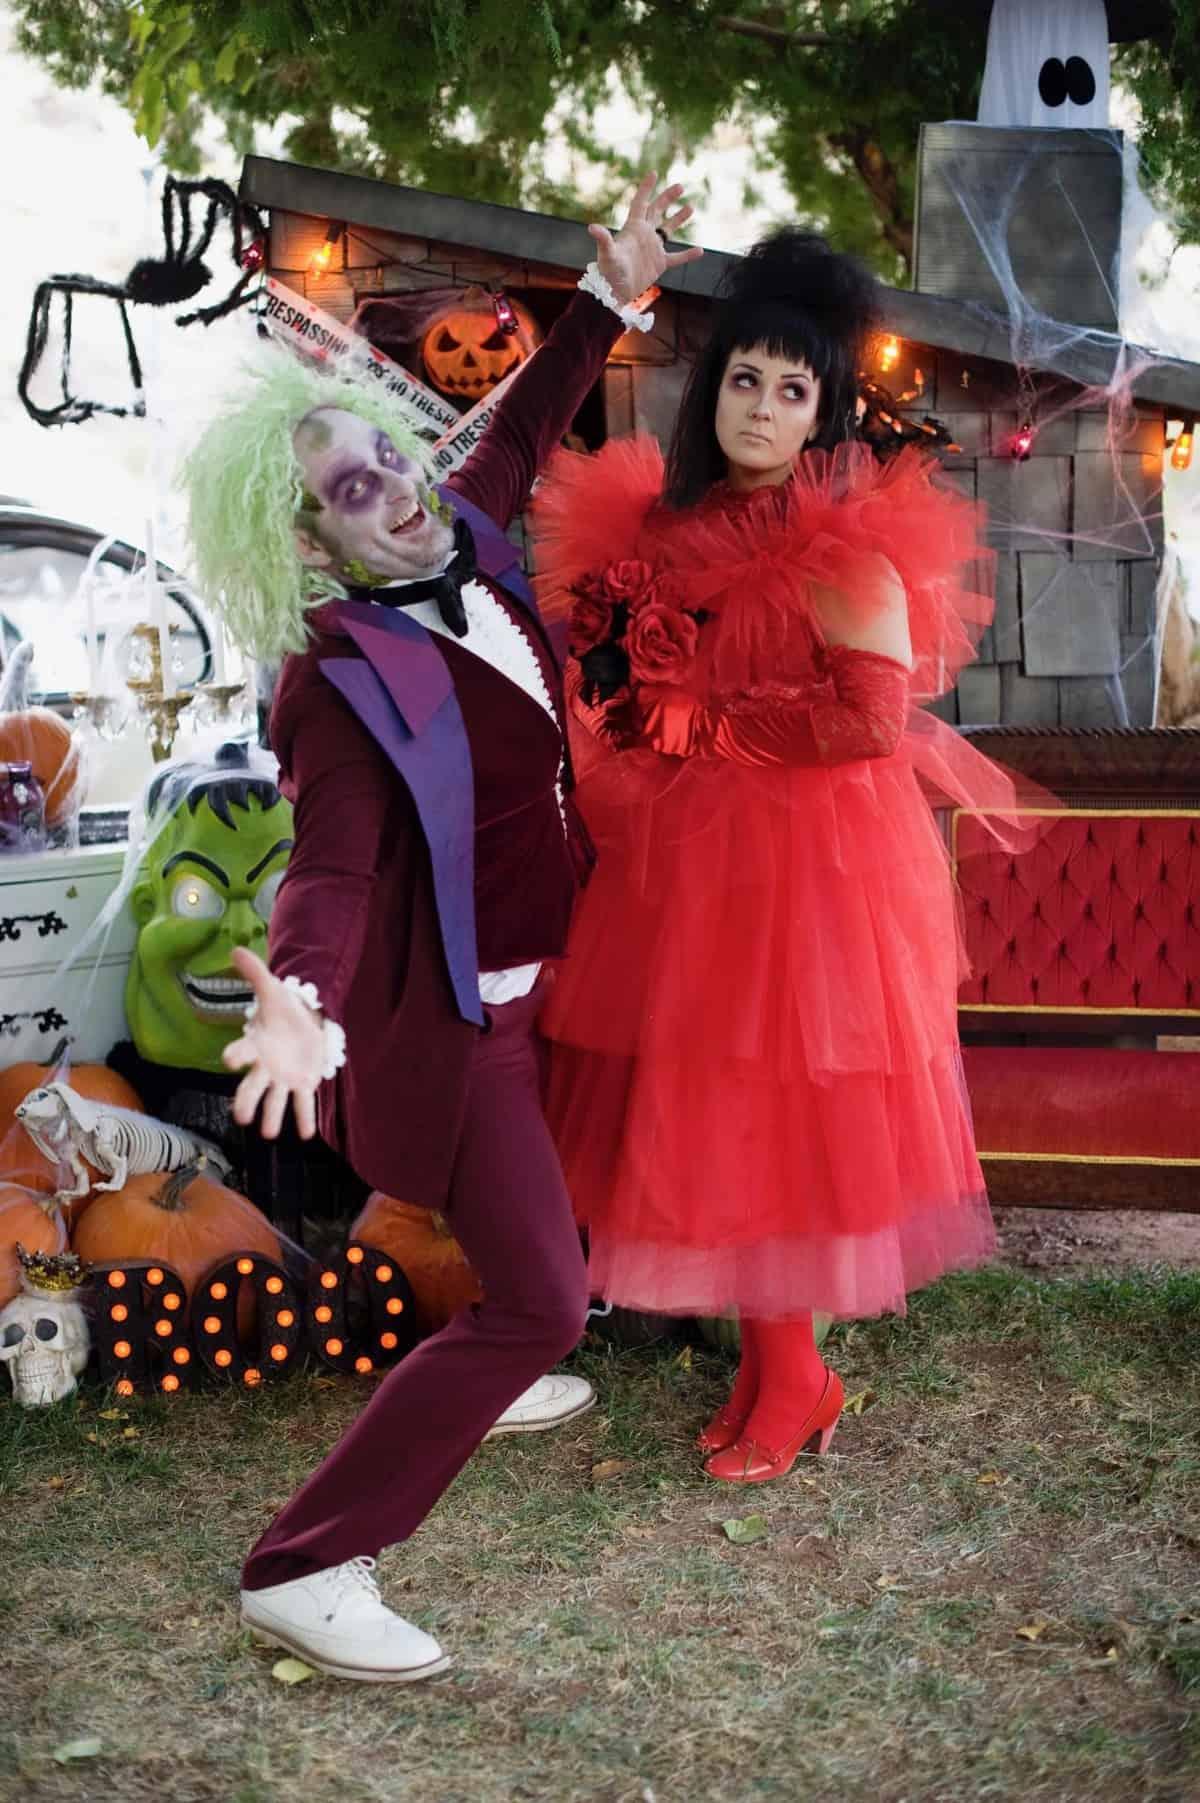 Beetlejuice couples Halloween costume